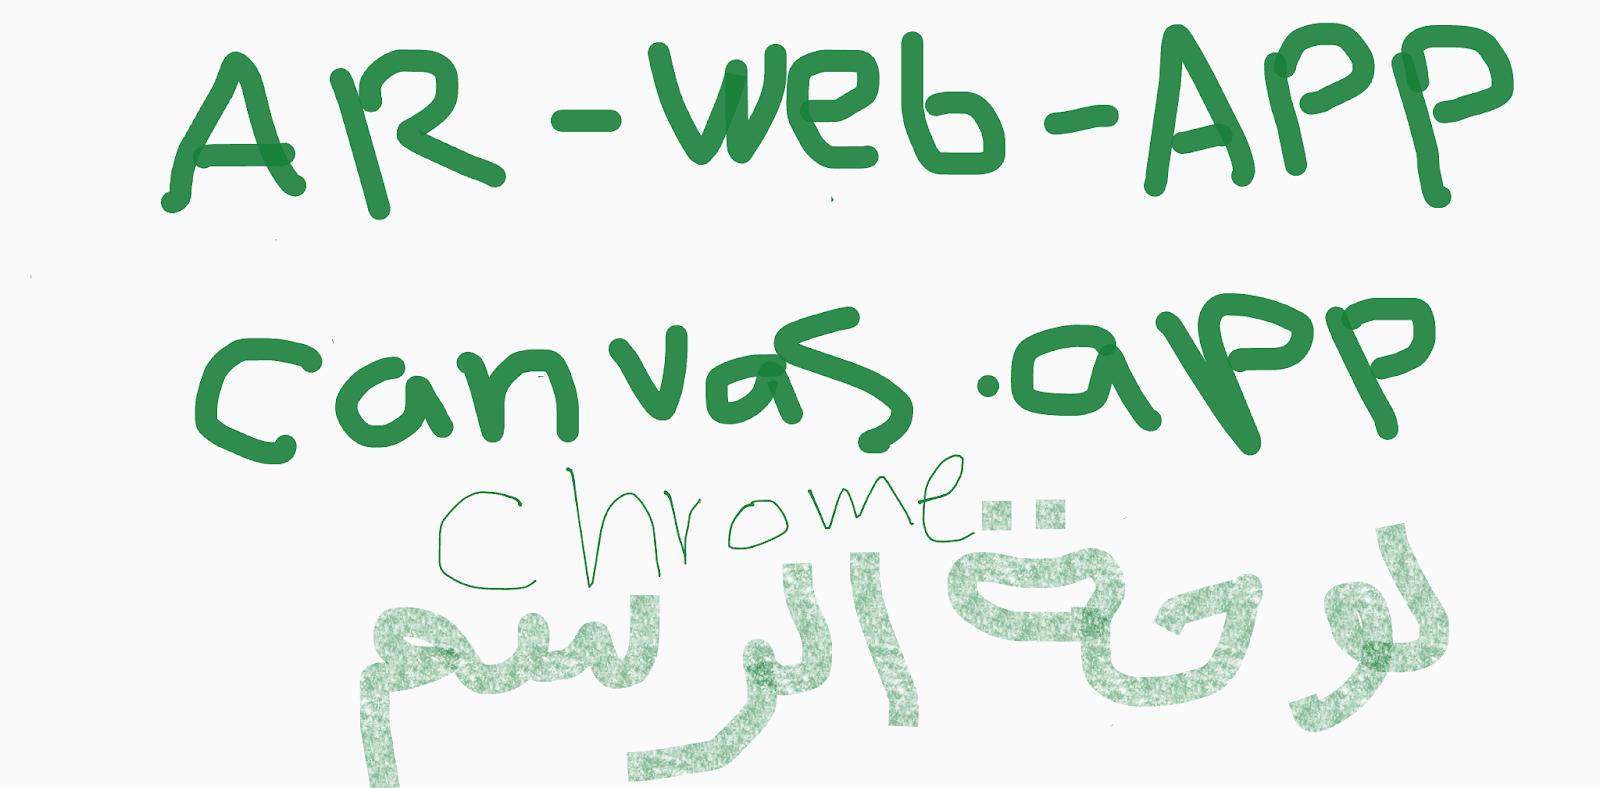 جوجل تطلق Chrome Canvas - تطبيق متصفح لرسم رسومات الشعار المبتكرة